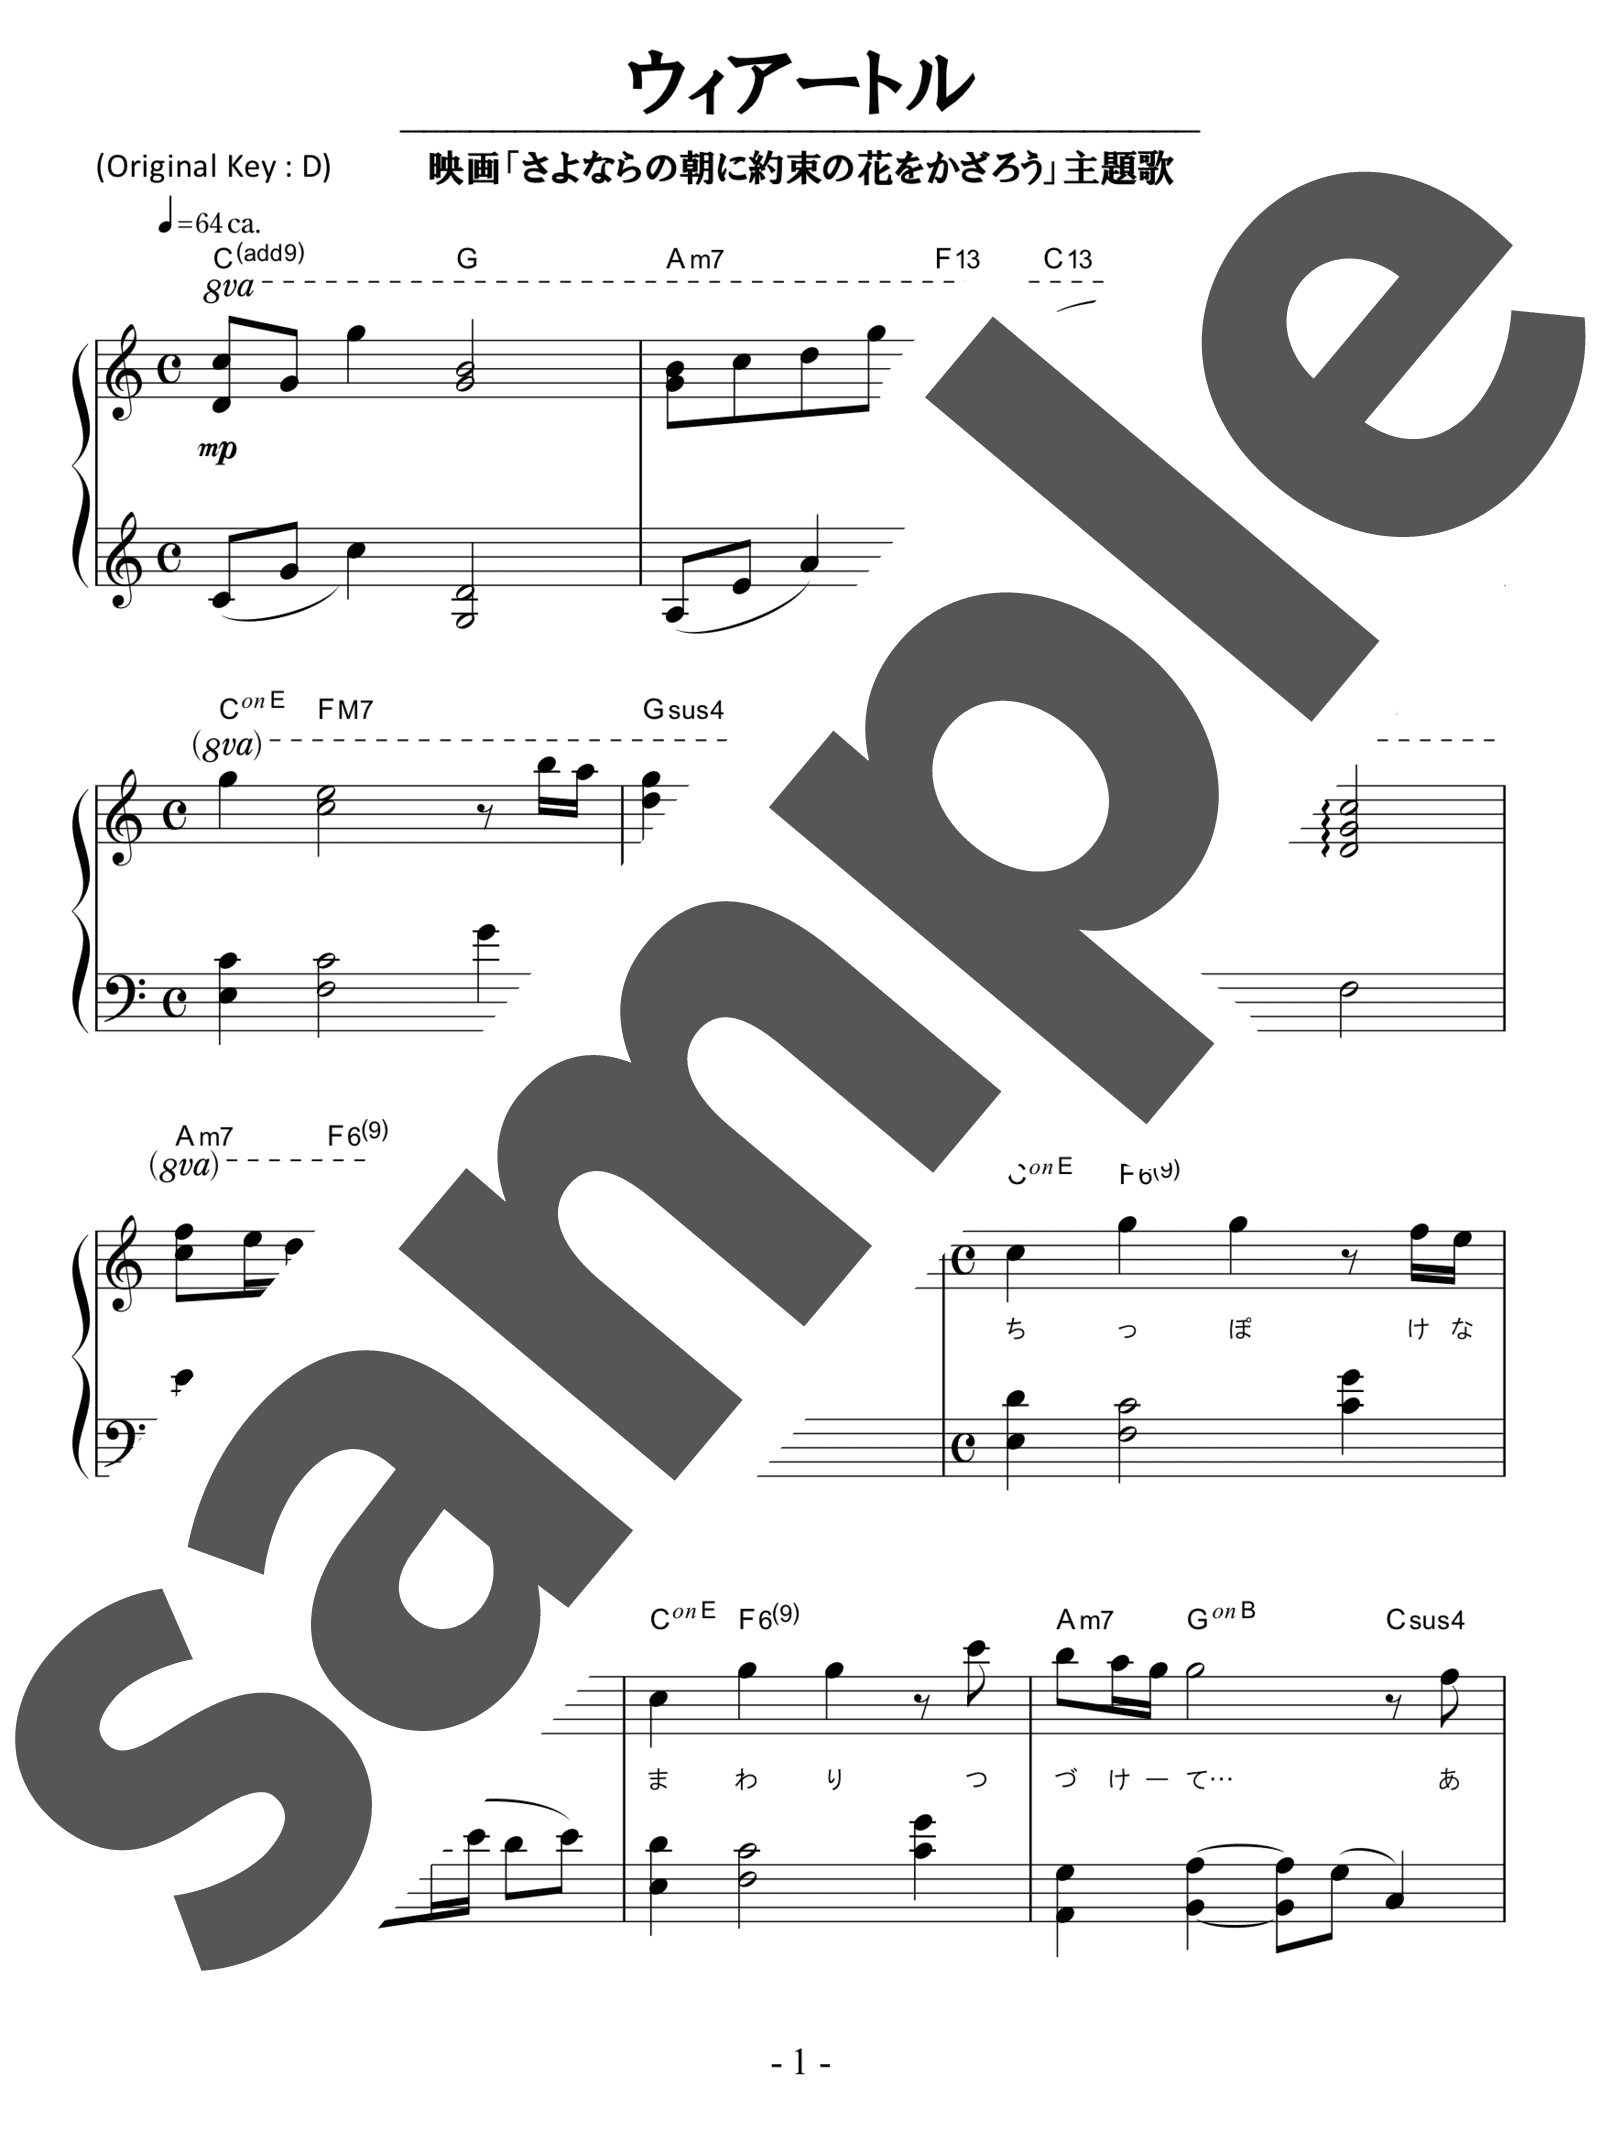 「ウィアートル」のサンプル楽譜